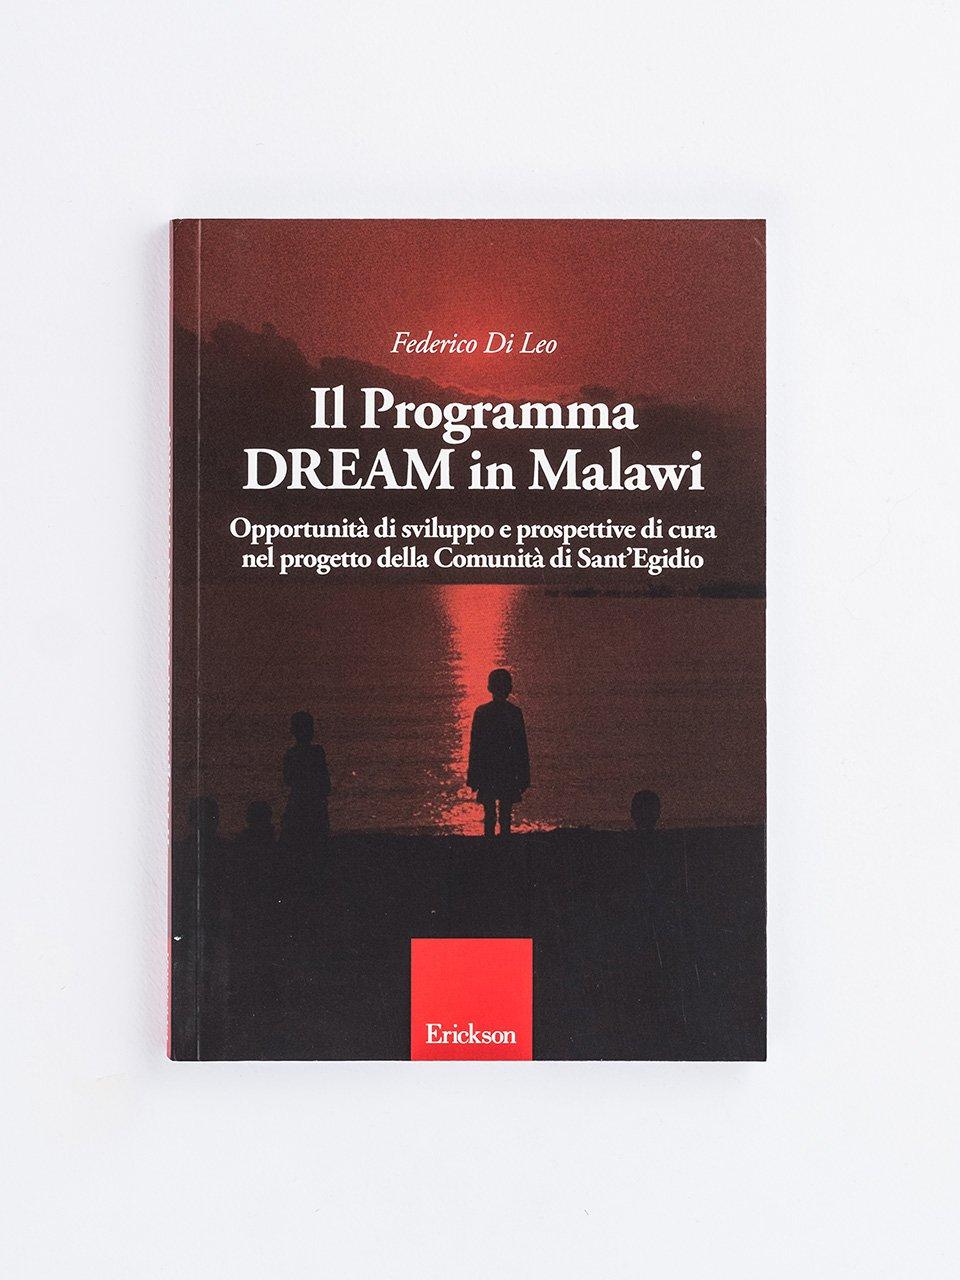 Il Programma Dream in Malawi - Gli assassini del pensiero - Libri - Erickson